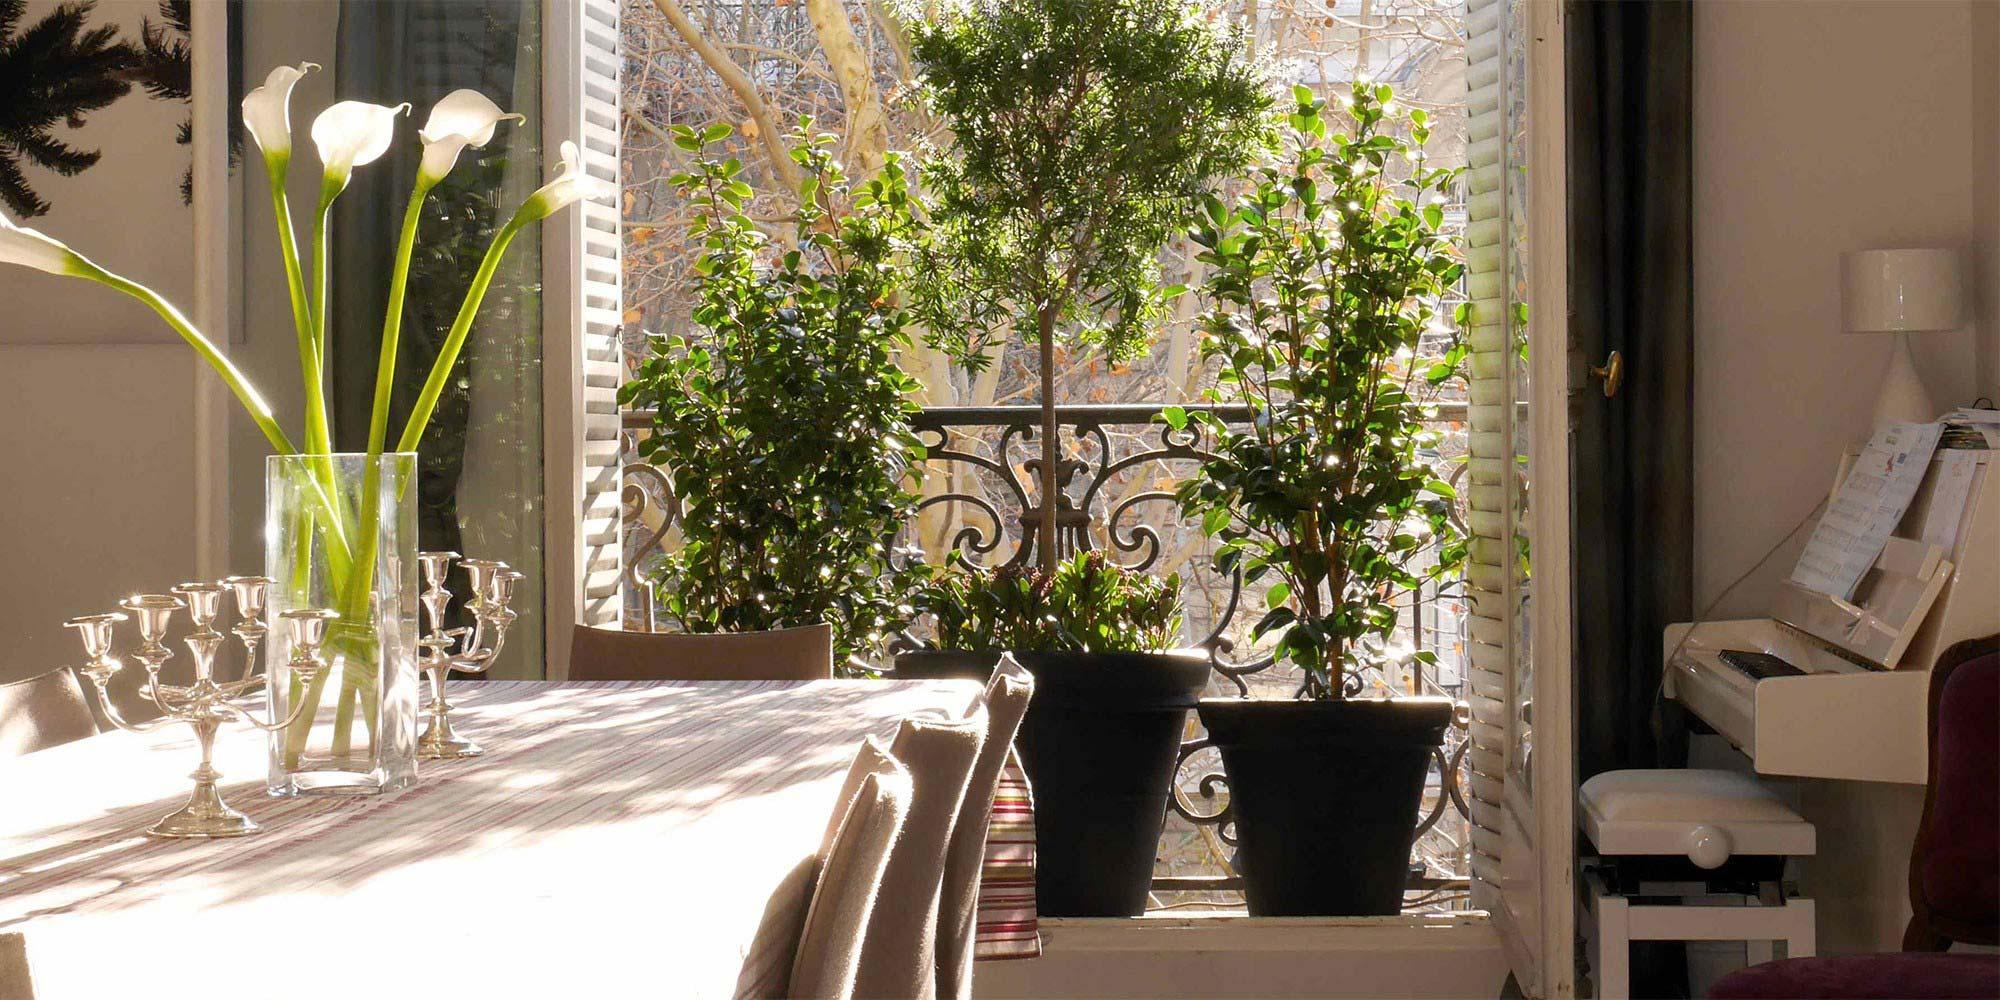 Bosco Verticale : un immeuble forêt à Milan